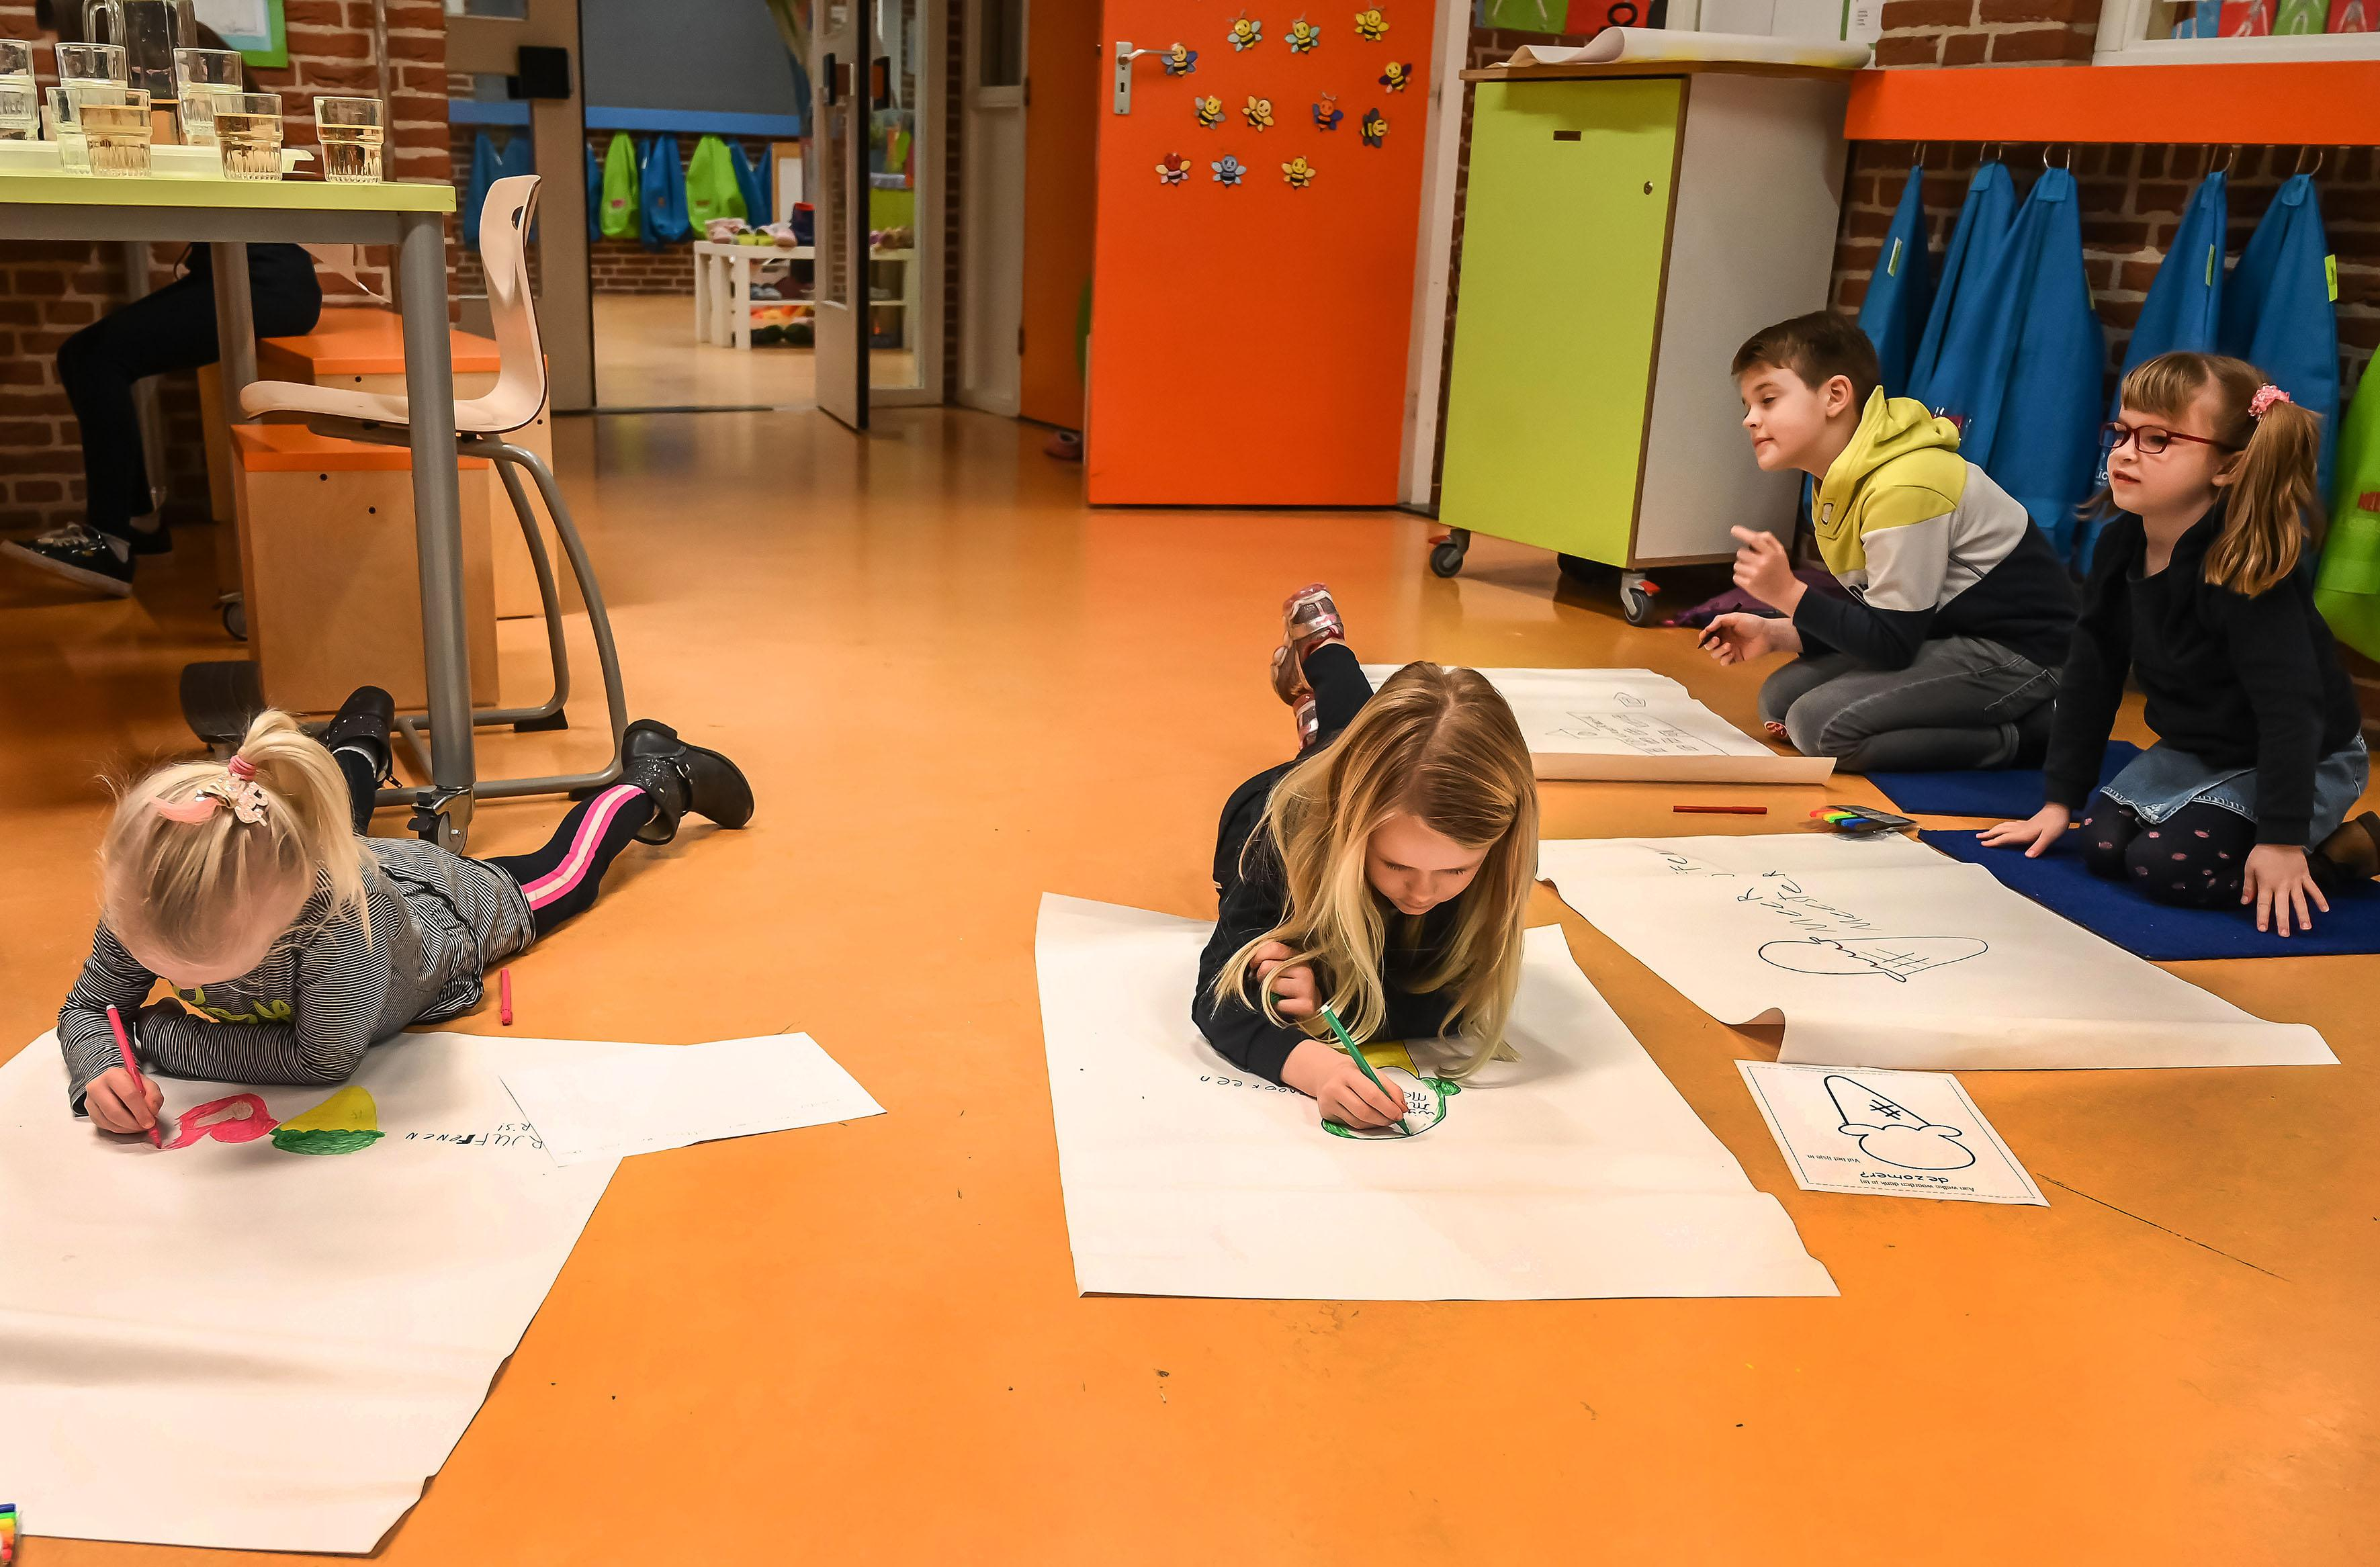 Ouders en kinderen basisschool De Klaverwoid in Twisk denken mee over oplossingen in het onderwijs. Thijs tekent kip die een ei legt. Eentje met een juf erin!